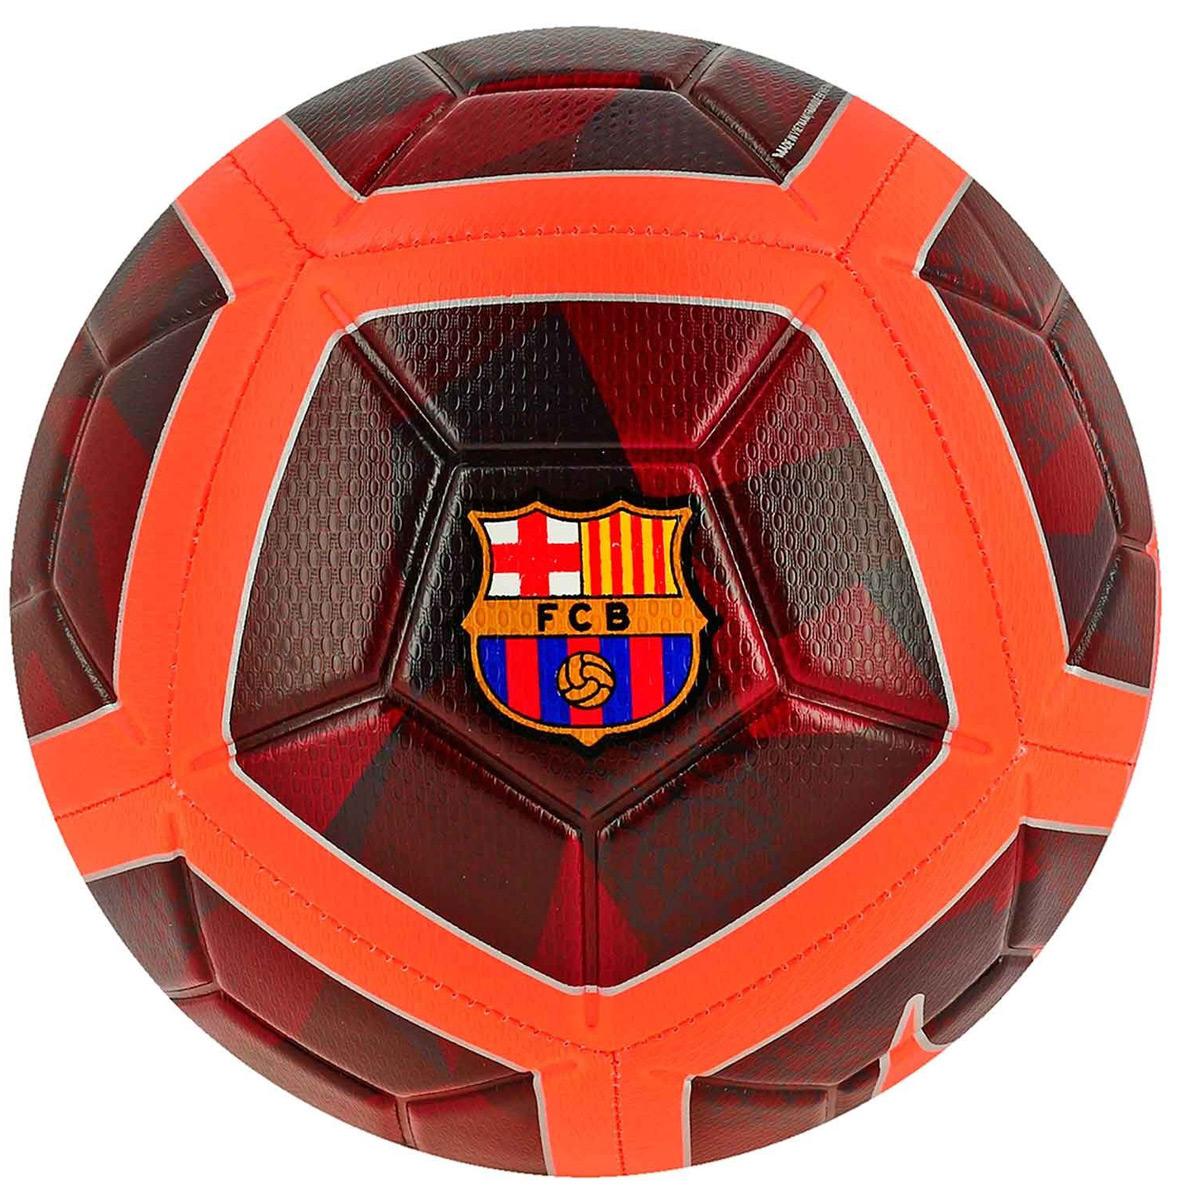 Мяч футбольный Nike Unisex FC Barcelona Strike Football. Размер 5SC3280-681Unisex FC Barcelona Strike FootballФУТБОЛ КАЖДЫЙ ДЕНЬ С ИДЕАЛЬНОЙ ЭКИПИРОВКОЙ. Футбольный мяч унисекс FC Barcelona Strike идеально подходит для ежедневных игр. Благодаря графике Visual Power его легко отслеживать на поле, а укрепленная резиновая камера обеспечивает упругость и сохранение формы.С графикой Visual Power ты увидишь мяч быстрее и отреагируешь вовремя. Текстурированное покрытие для превосходного касания. Желобки Nike Aerotrac для точной траектории полета мяча.Конструкция из 12 панелей для точной траектории полета.